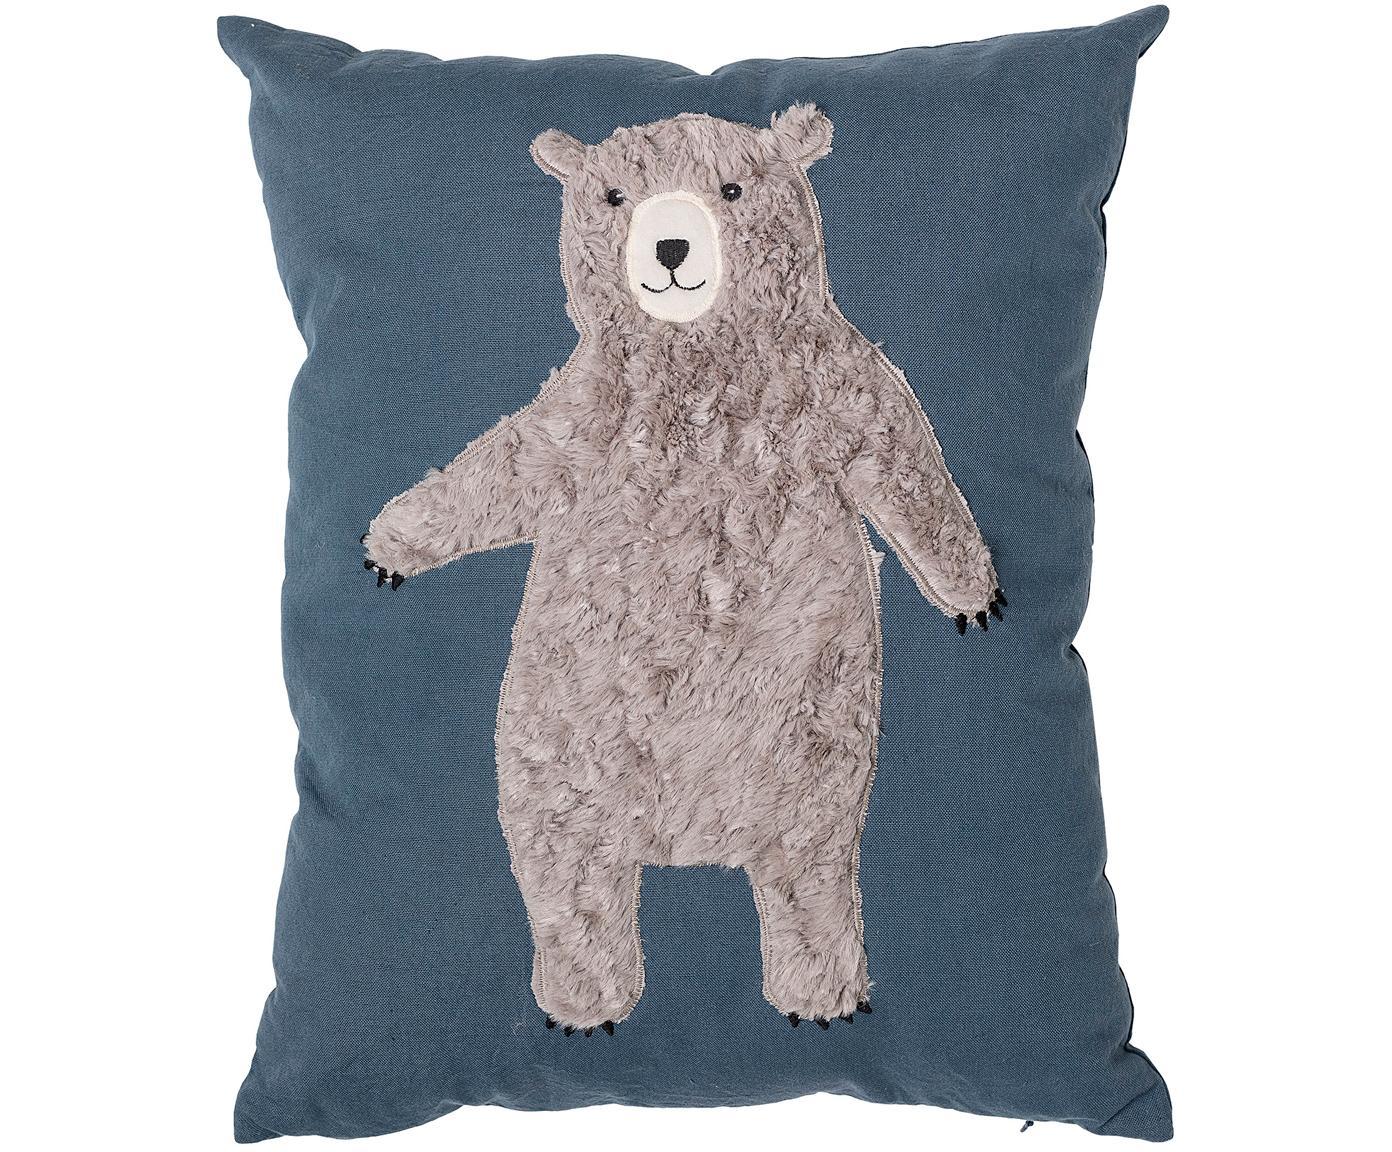 Cuscino imbottito con orso Bear, Rivestimento: 70%cotone, 30%poliester, Blu, marrone, Larg. 40 x Lung. 50 cm